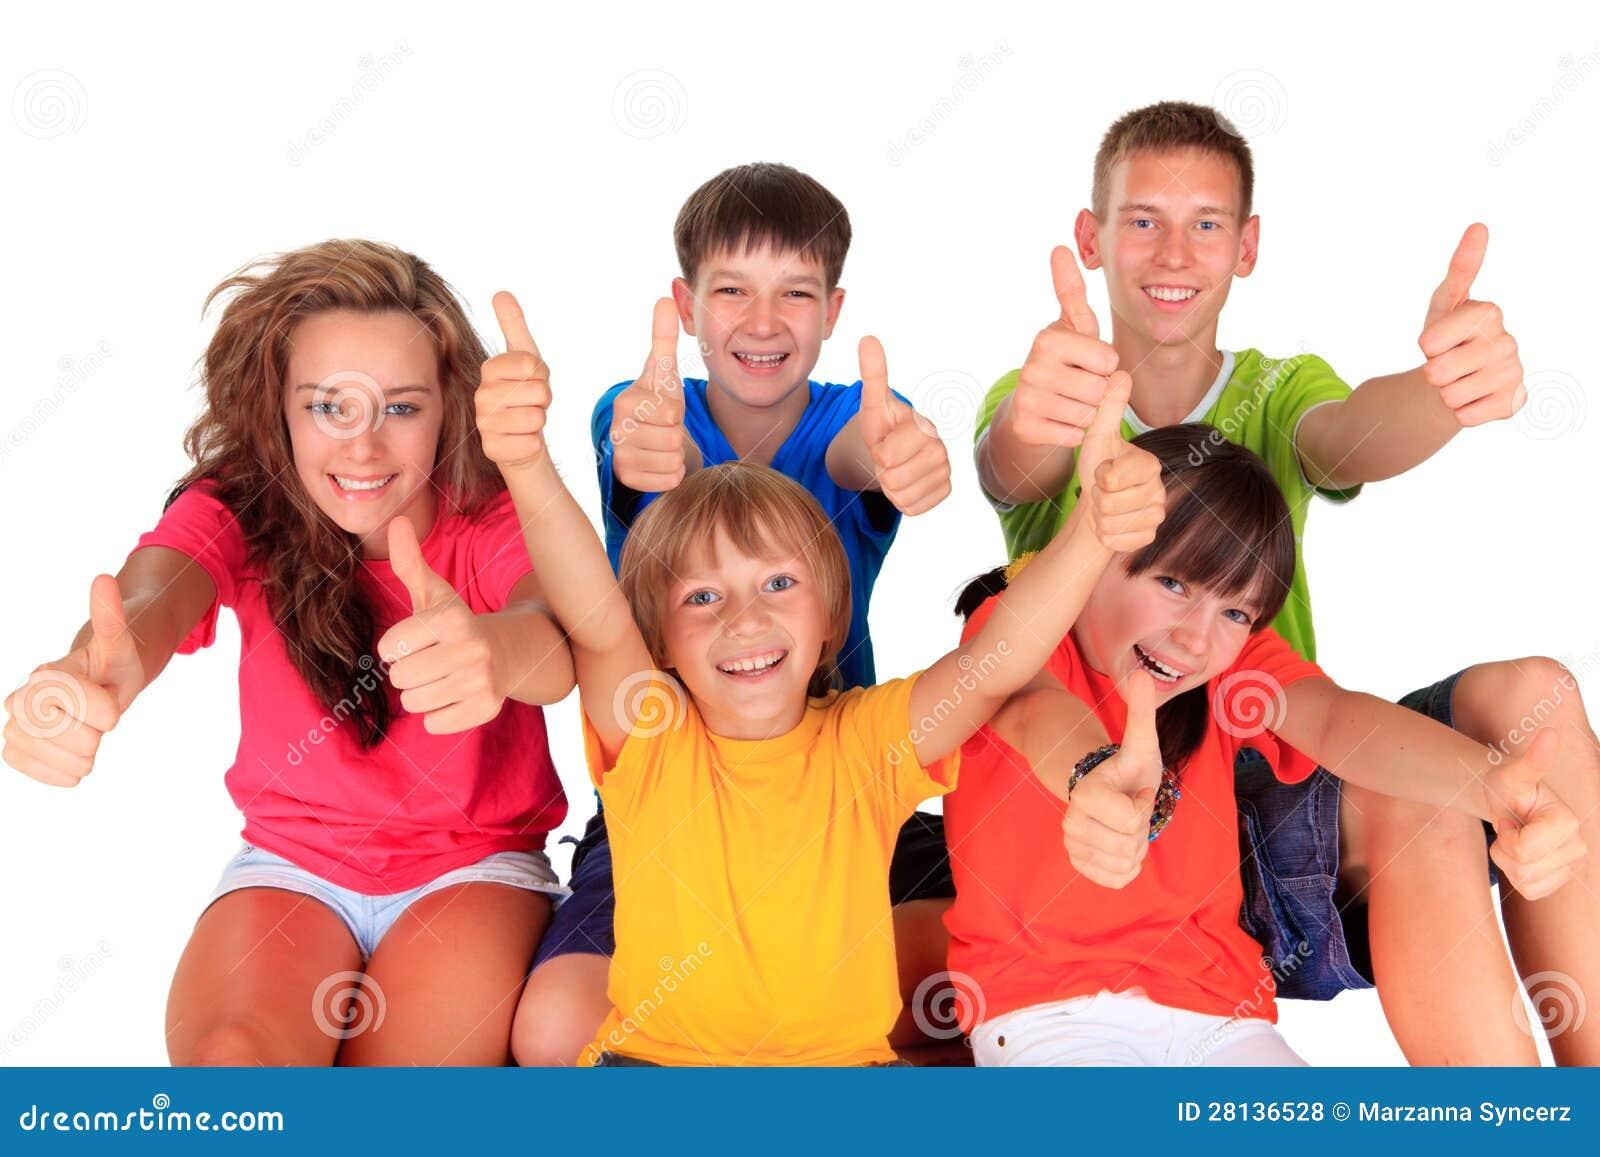 kids teens: